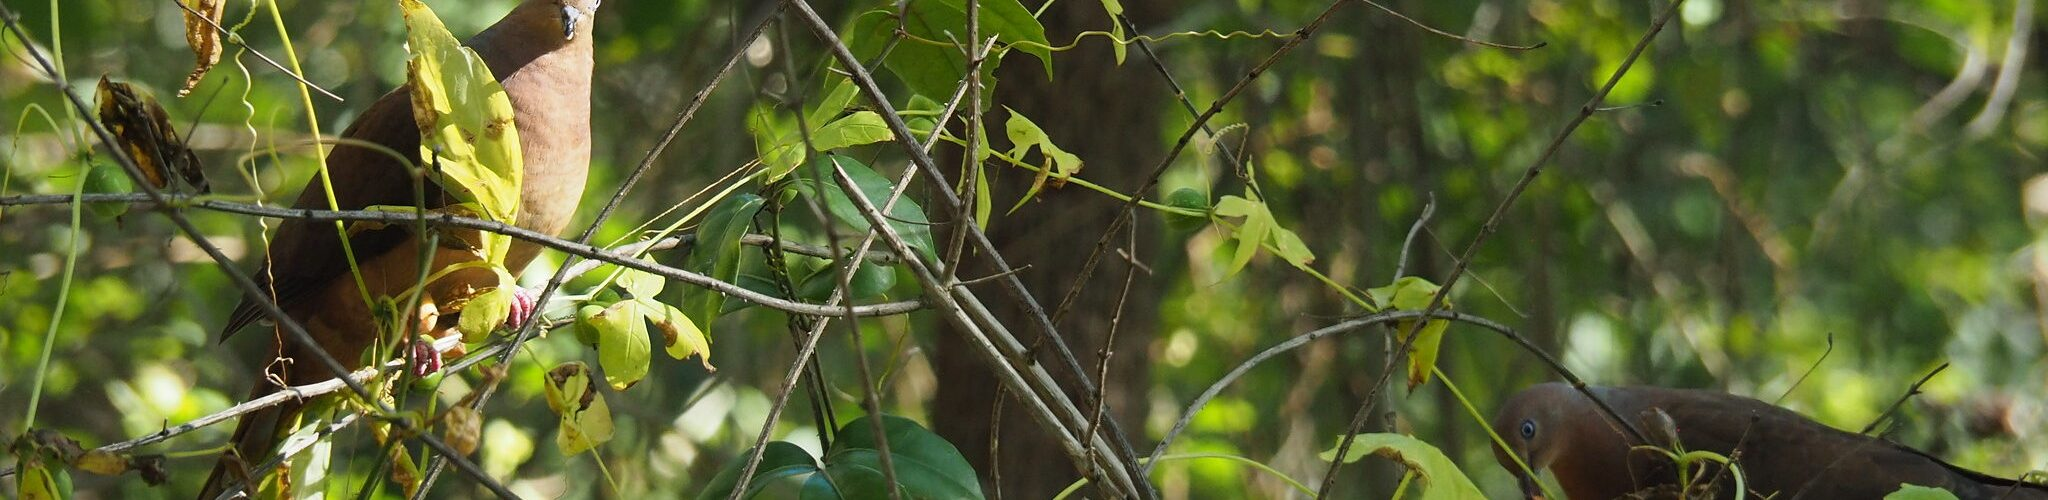 Birds hiding in a bush